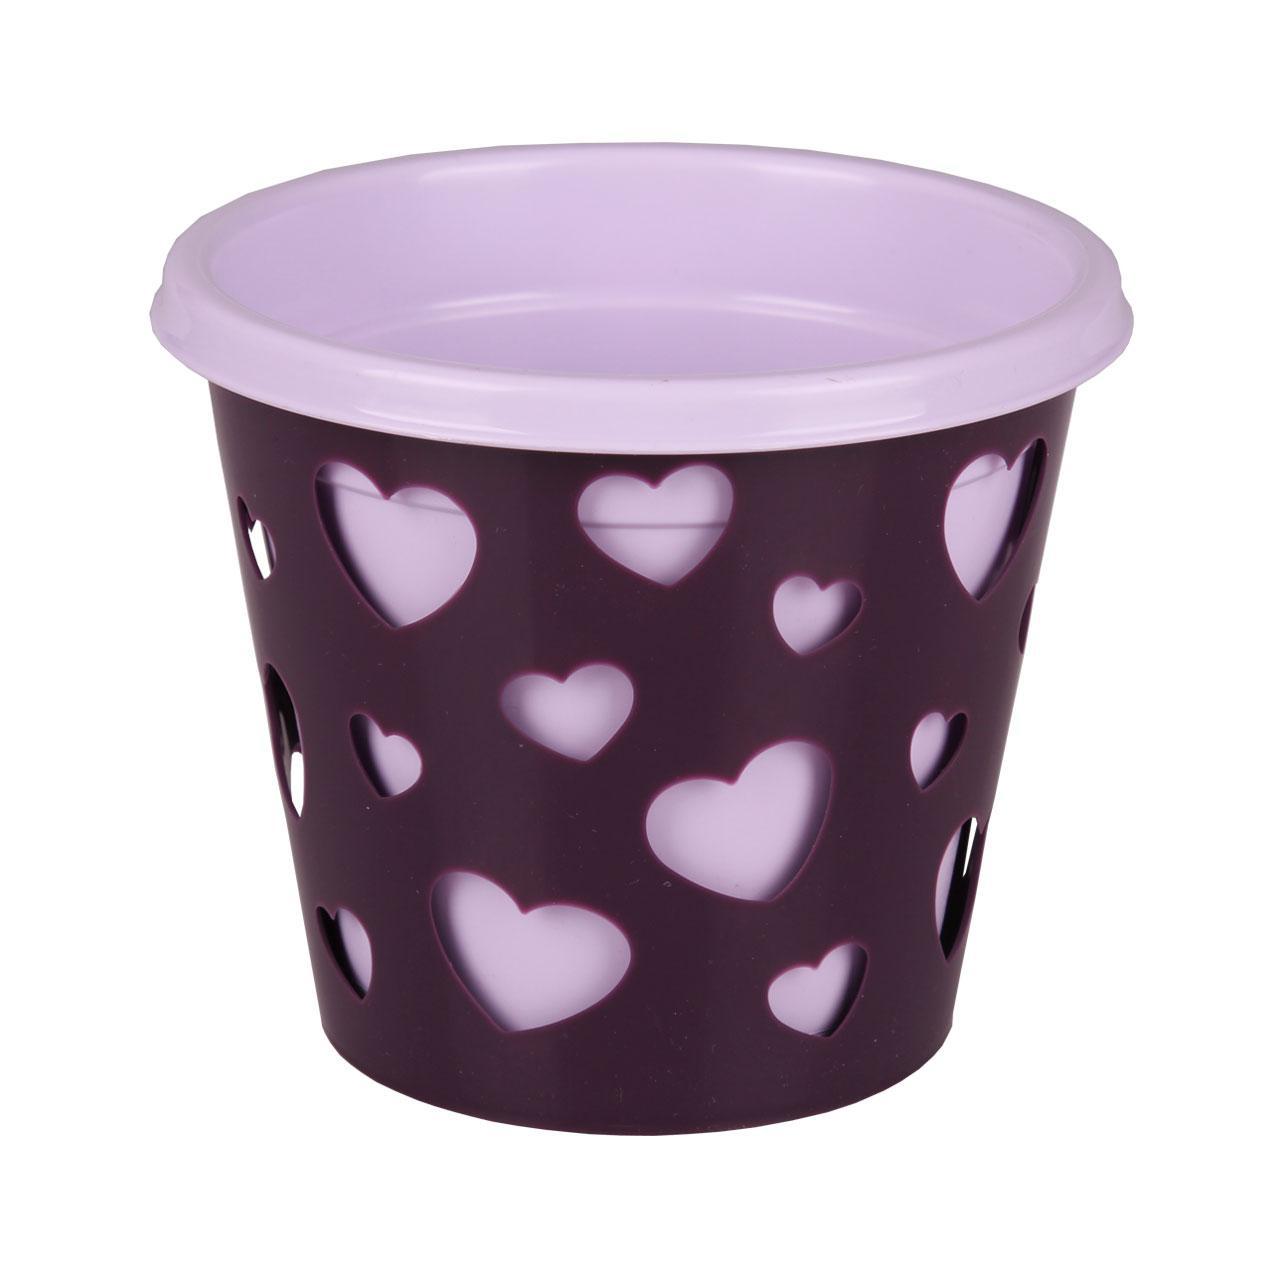 Горшок-кашпо Альтернатива Валентинка, со вставкой, цвет: светло-сиреневый, фиолетовый, 2 лМ4635Горшок-кашпо Альтернатива Валентинка выполнен из высококачественного пластика. Стенки изделия декорированы перфорацией в виде сердец разного размера. В комплекте пластиковая вставка, которая вставляется в горшок-кашпо. Такой горшок-кашпо прекрасно подойдет для выращивания растений и цветов в домашних условиях. Лаконичный дизайн впишется в интерьер любого помещения. Размер горшка: 17 см х 17 см х 16,5 см. Размер вставки: 18 см х 18 см х 16 см. Объем: 2 л.